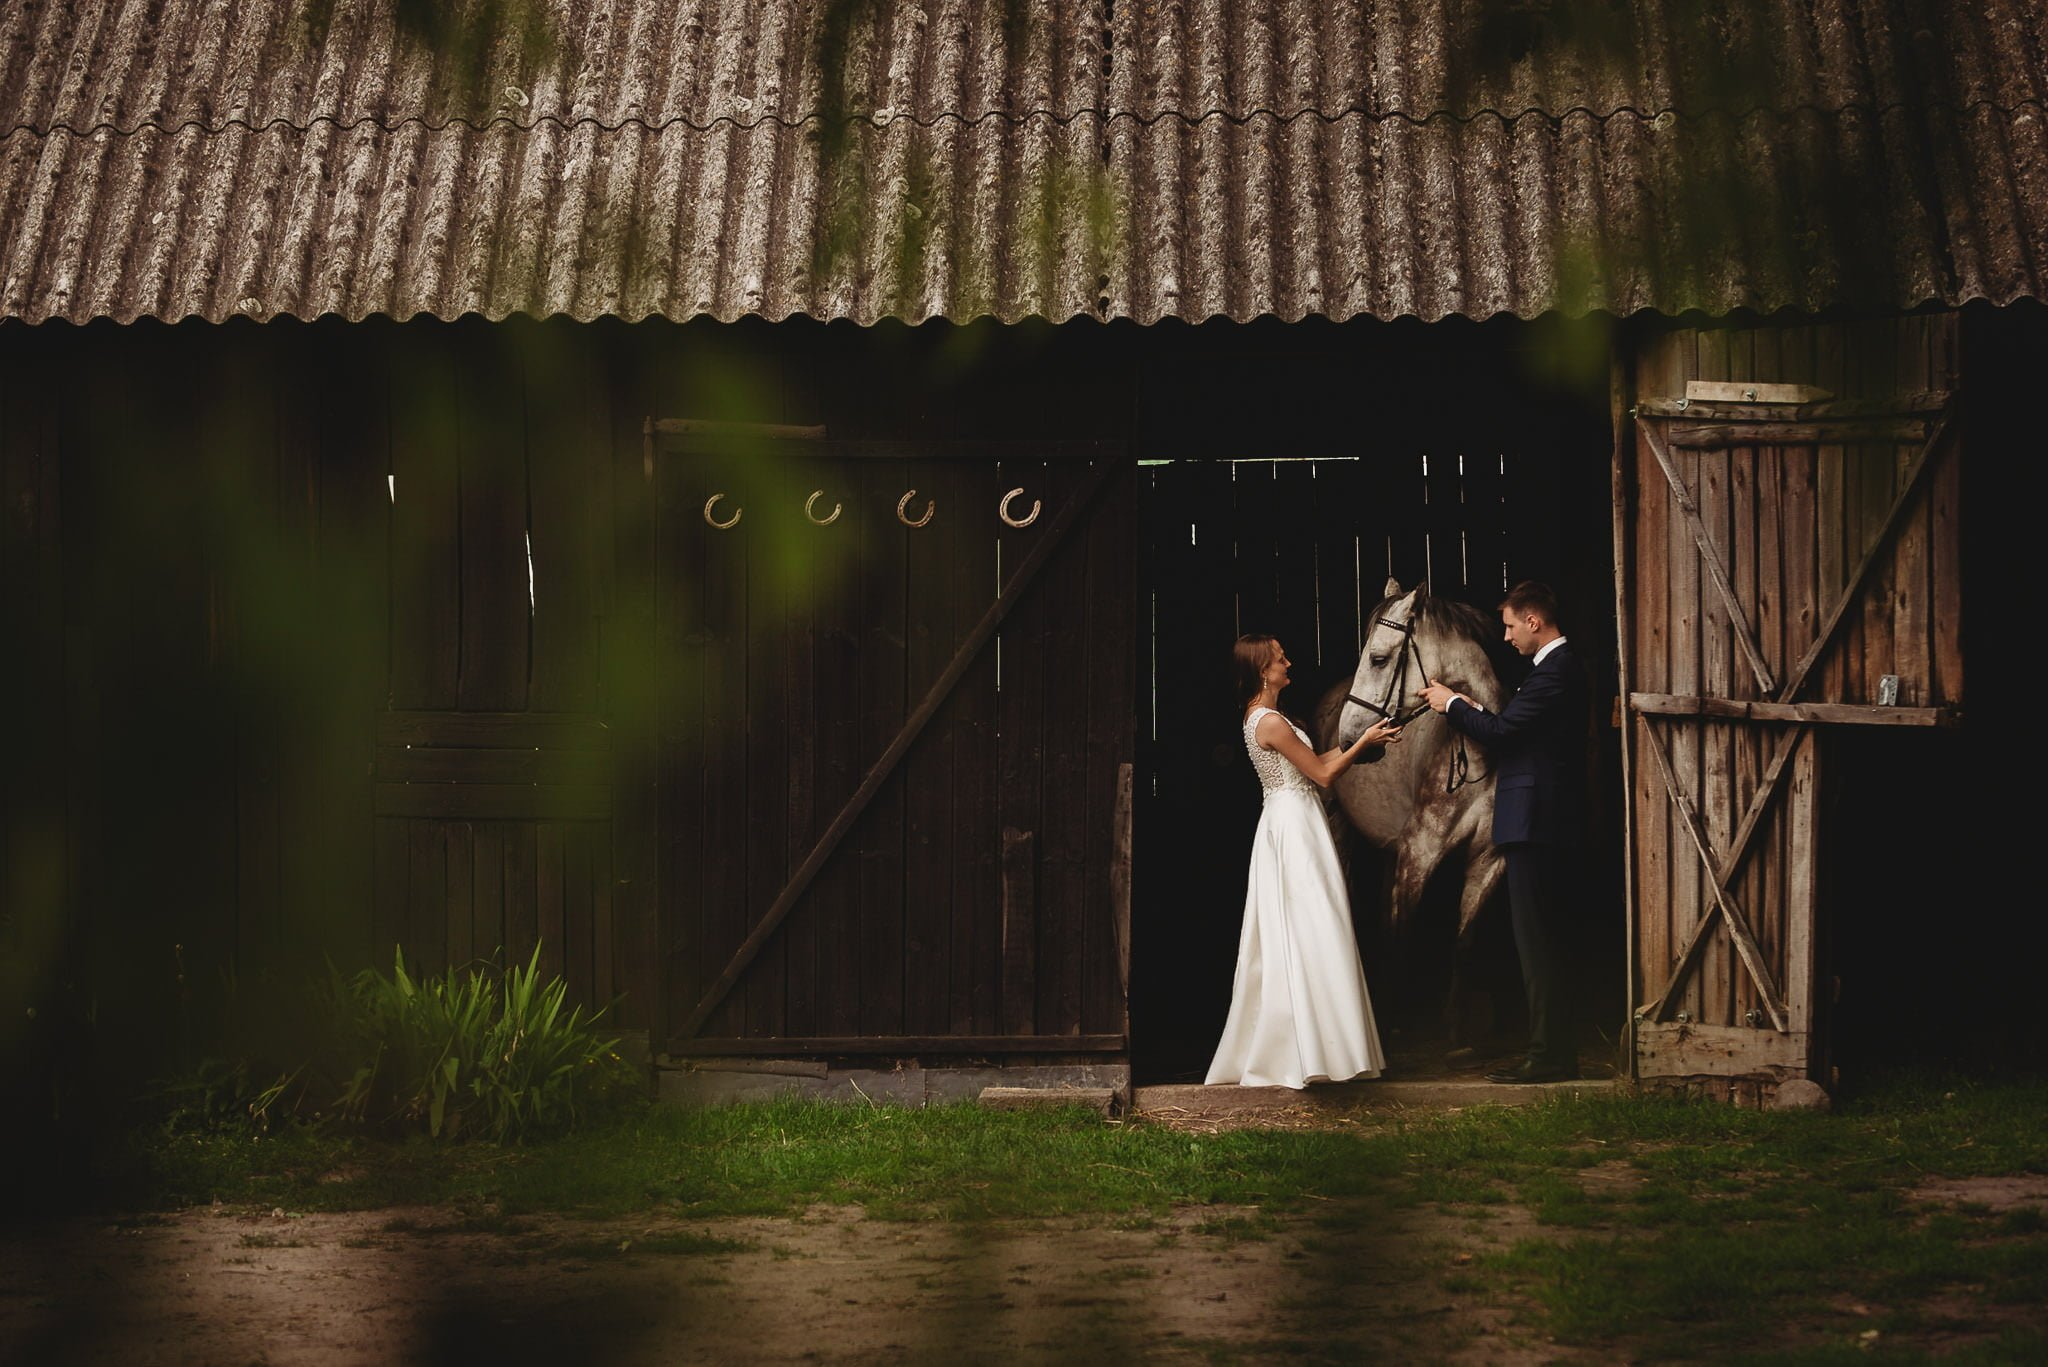 Monika i Michał, wesele w Paryżu i sesja plenerowa w stadninie koni w Czołowie 380